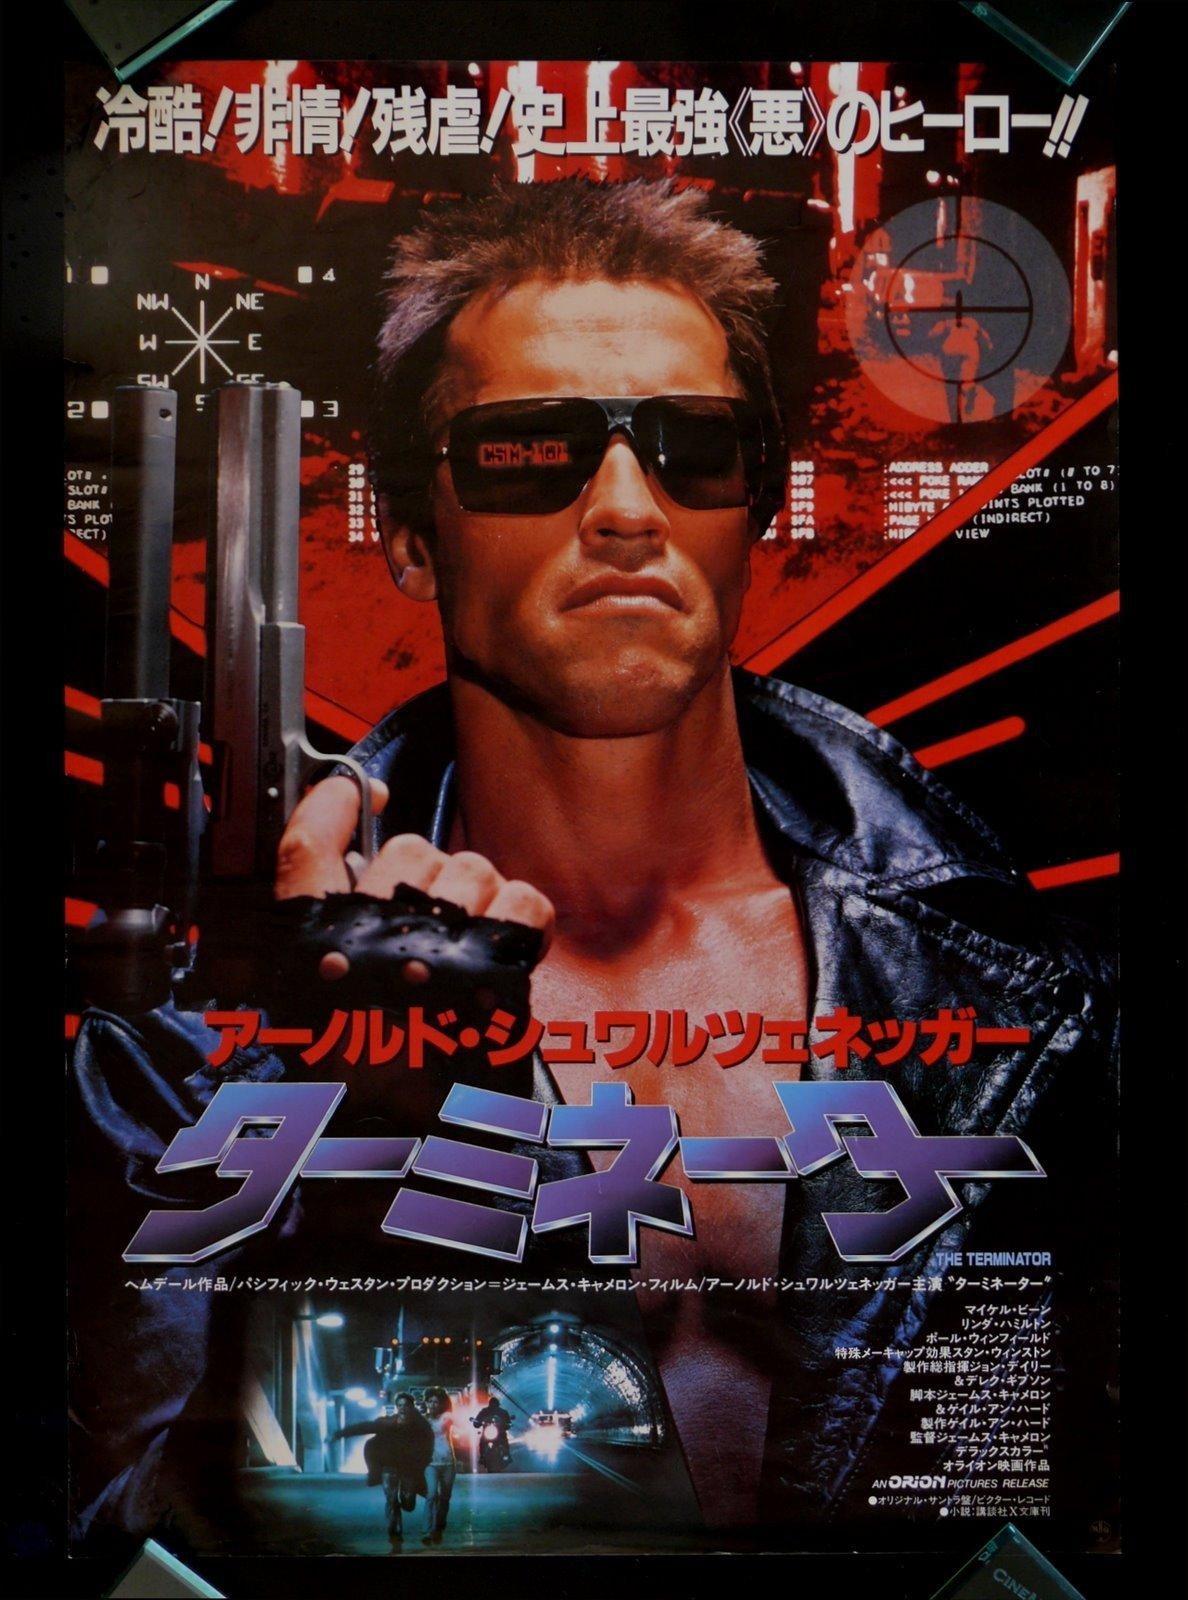 Wallpaper 1188x1600 Px Machine Gun Movie Poster